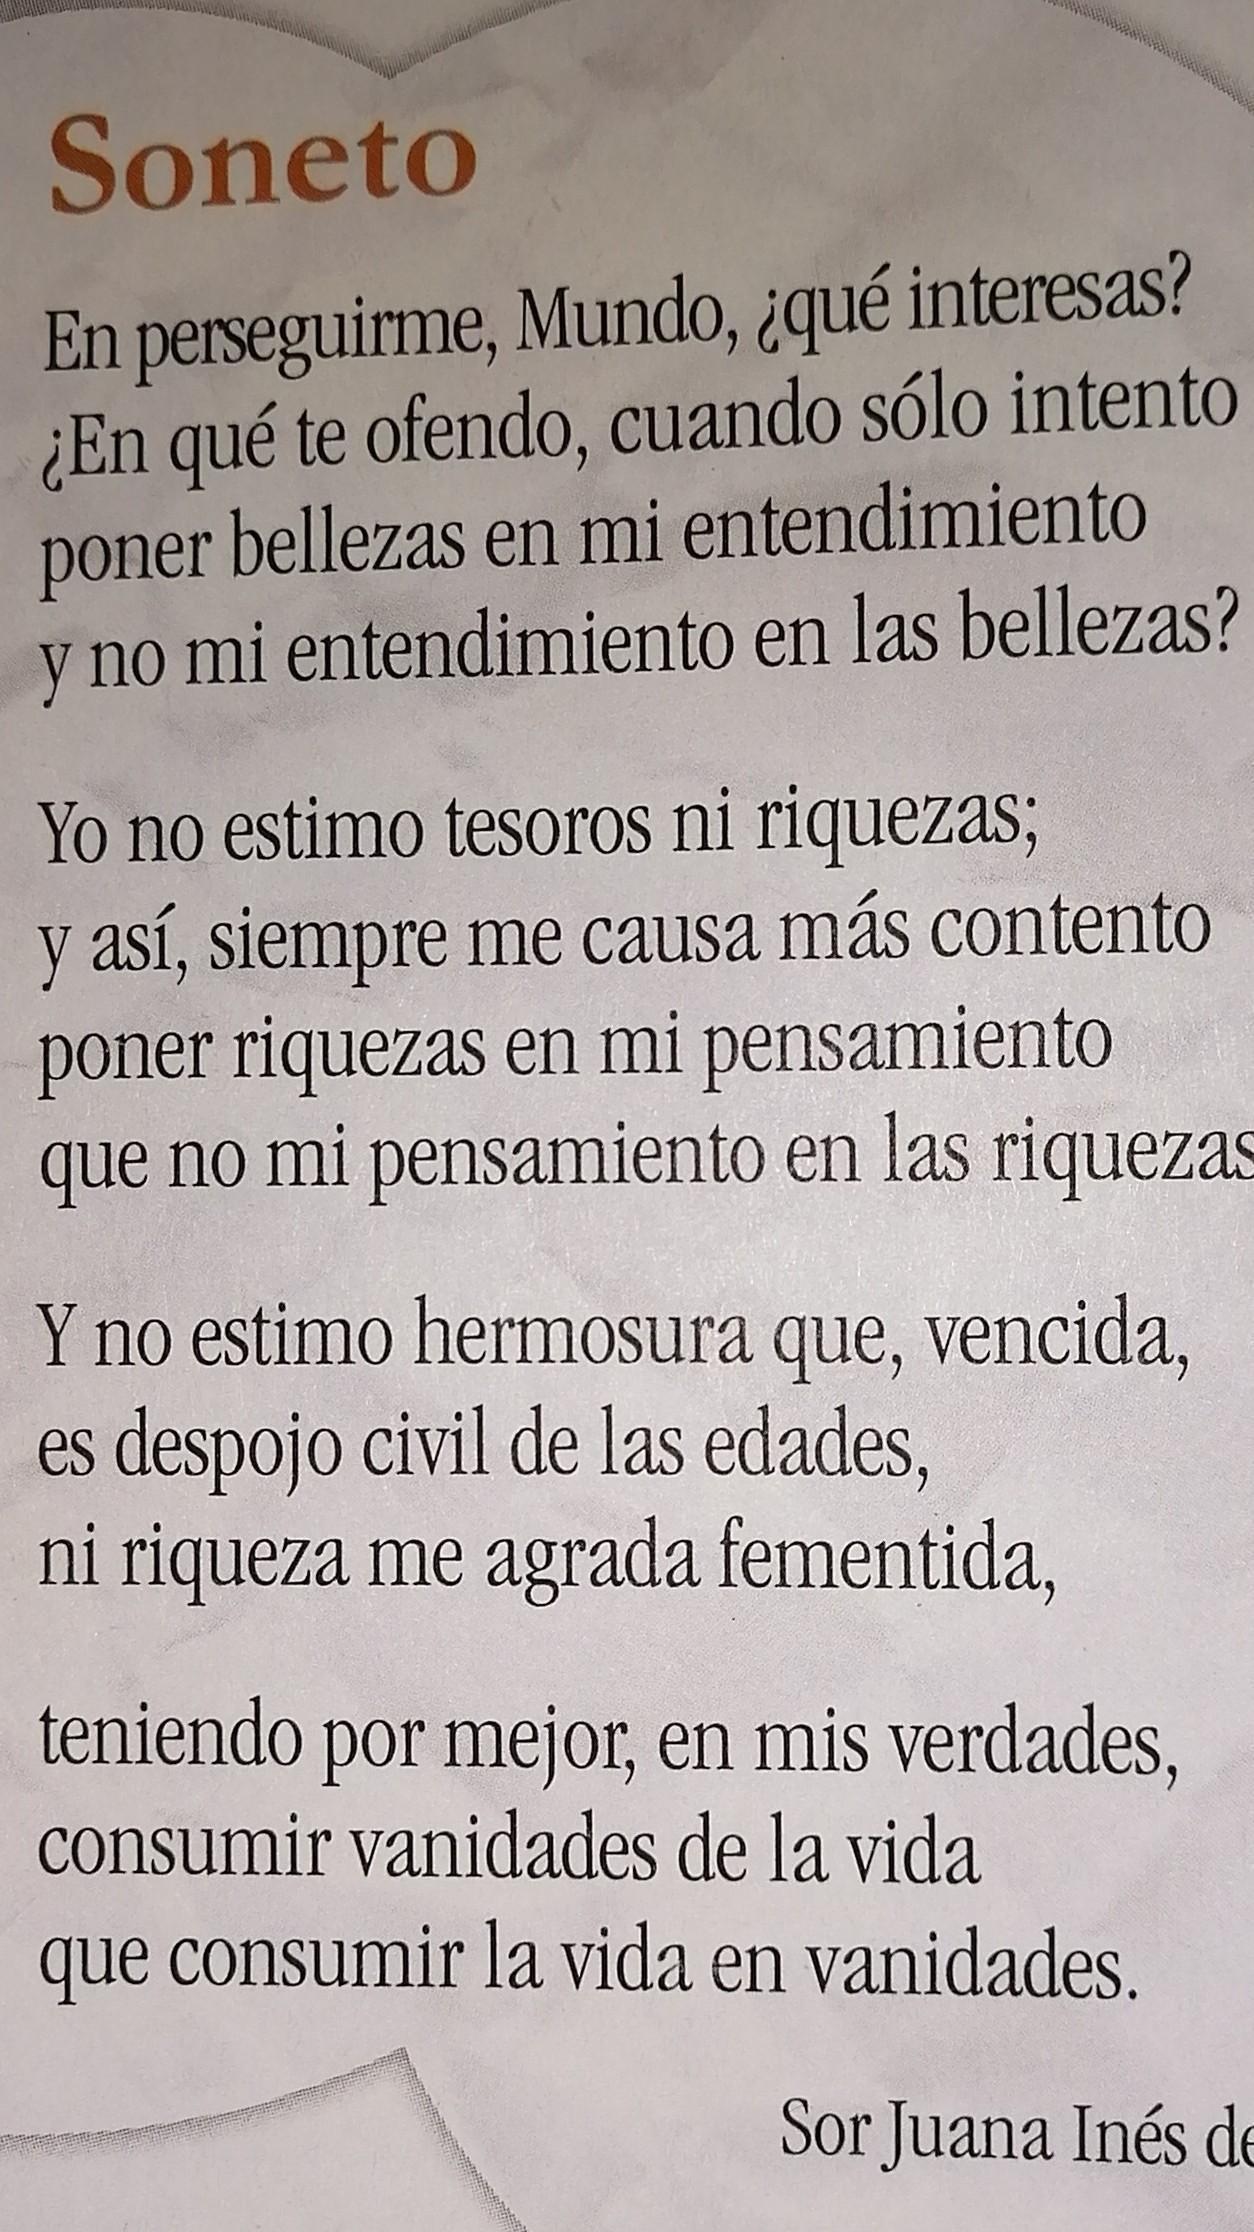 Señala Las Sinalefas Del Poema Soneto De Sor Juana Inés De